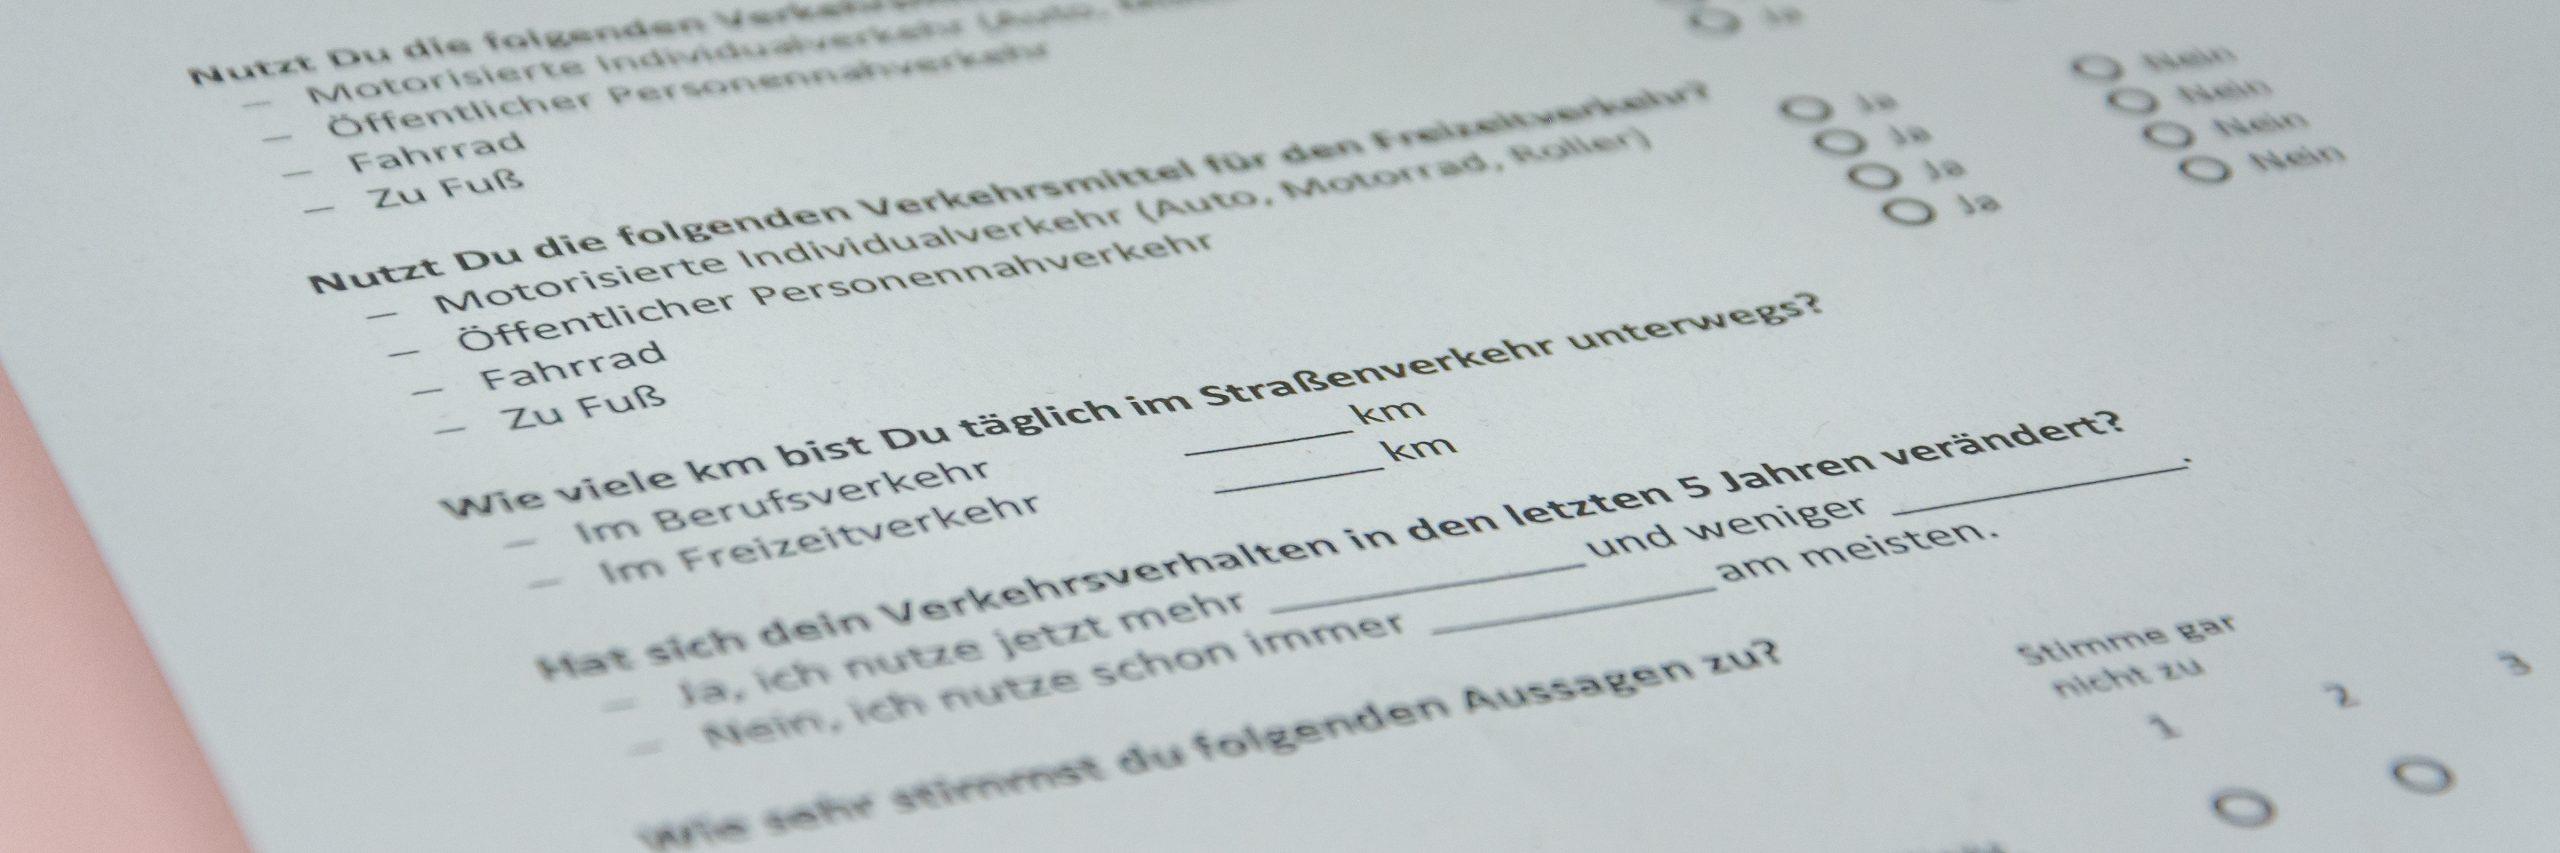 Umfrage; Mobilitätstypen; Mobilitätsalternativen in Deutschland; Mobilitätsalternativen; Deutschland